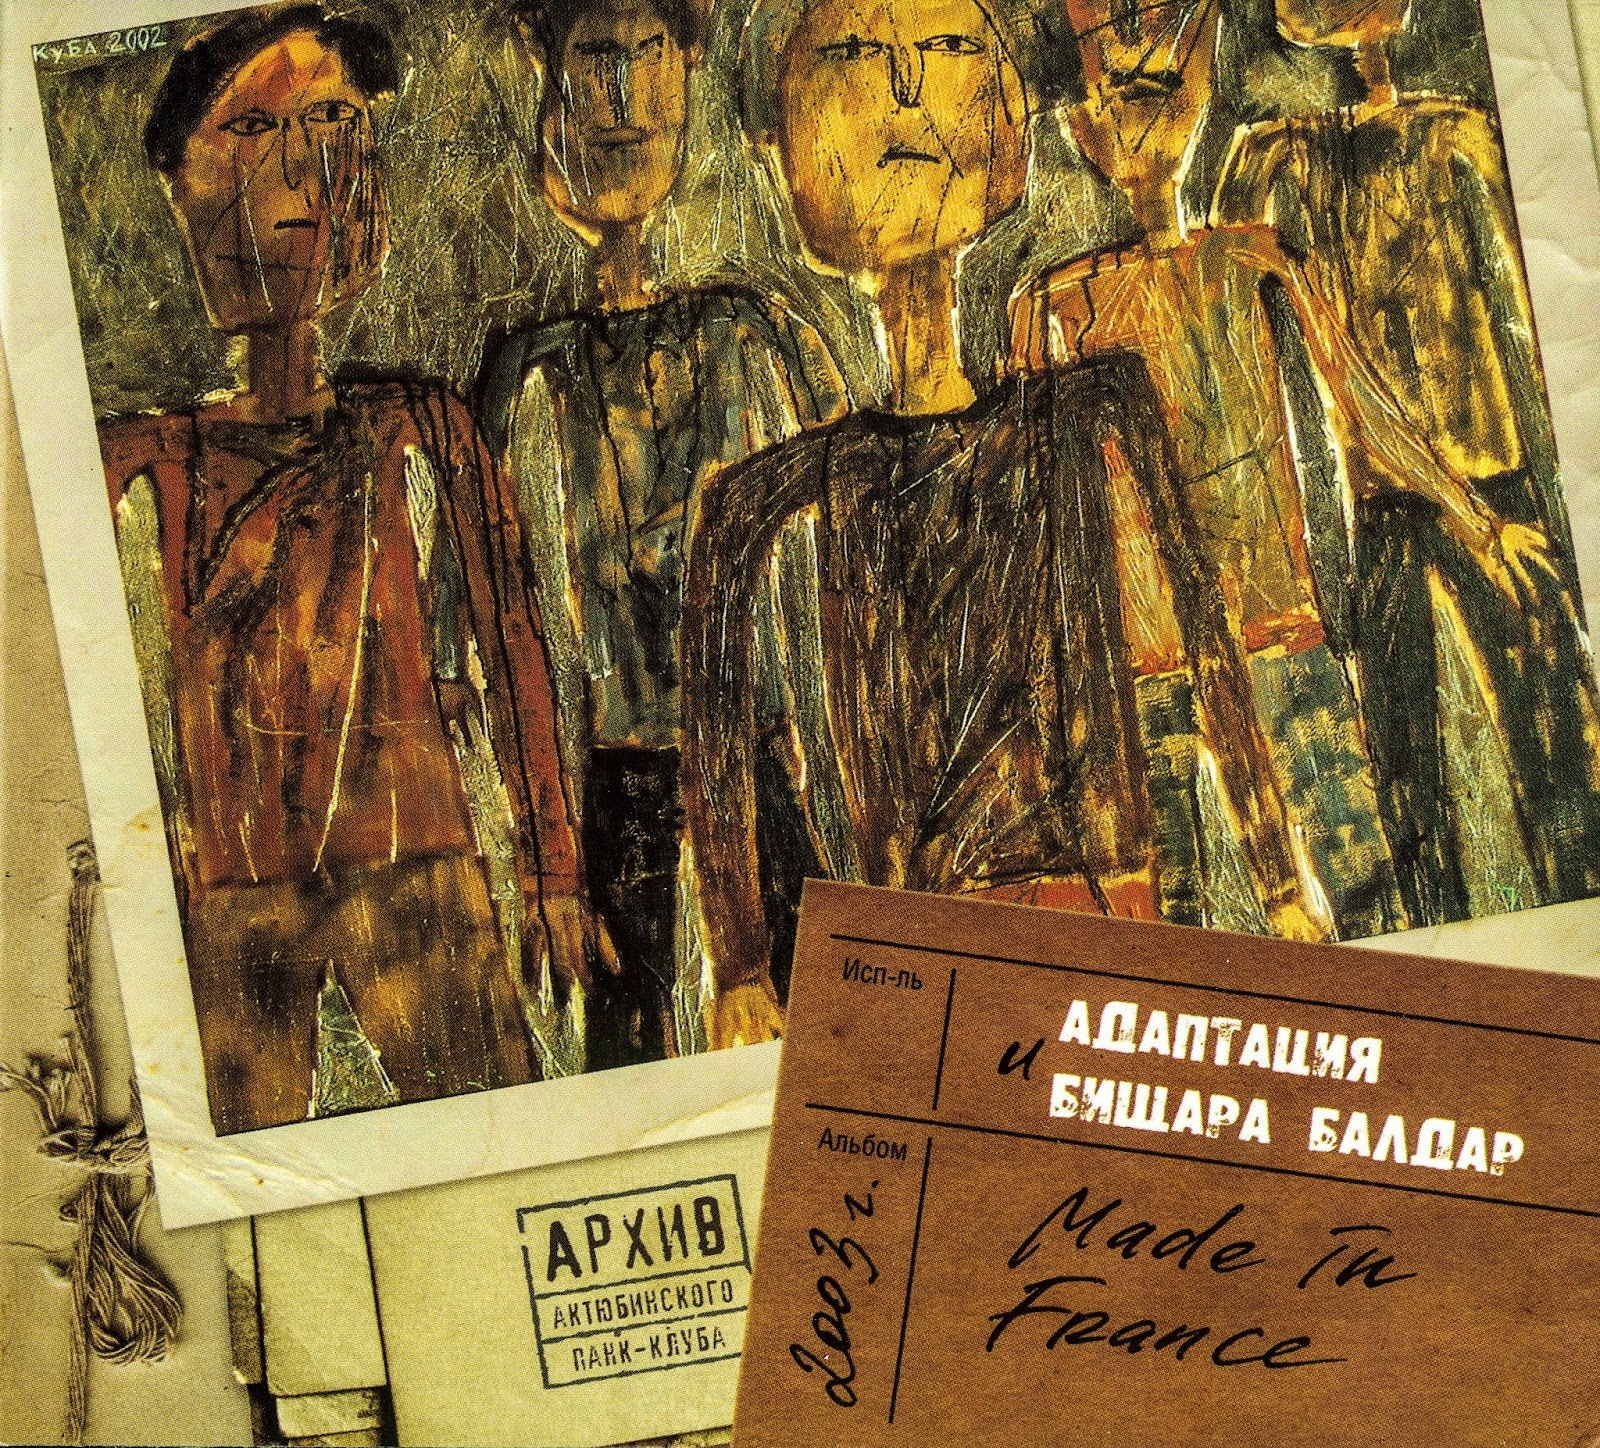 Адаптация и Бищара Балдар — Made in France (2003)